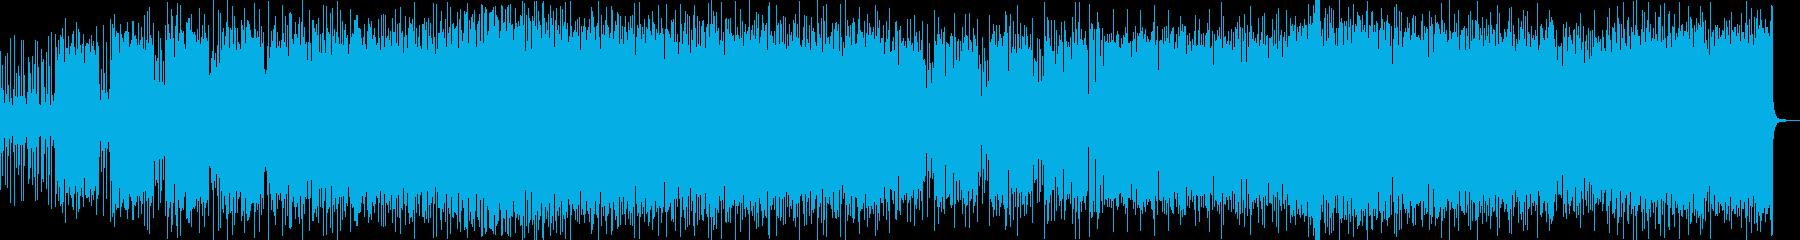 飛び跳ねまわるような奇妙で力強いインストの再生済みの波形